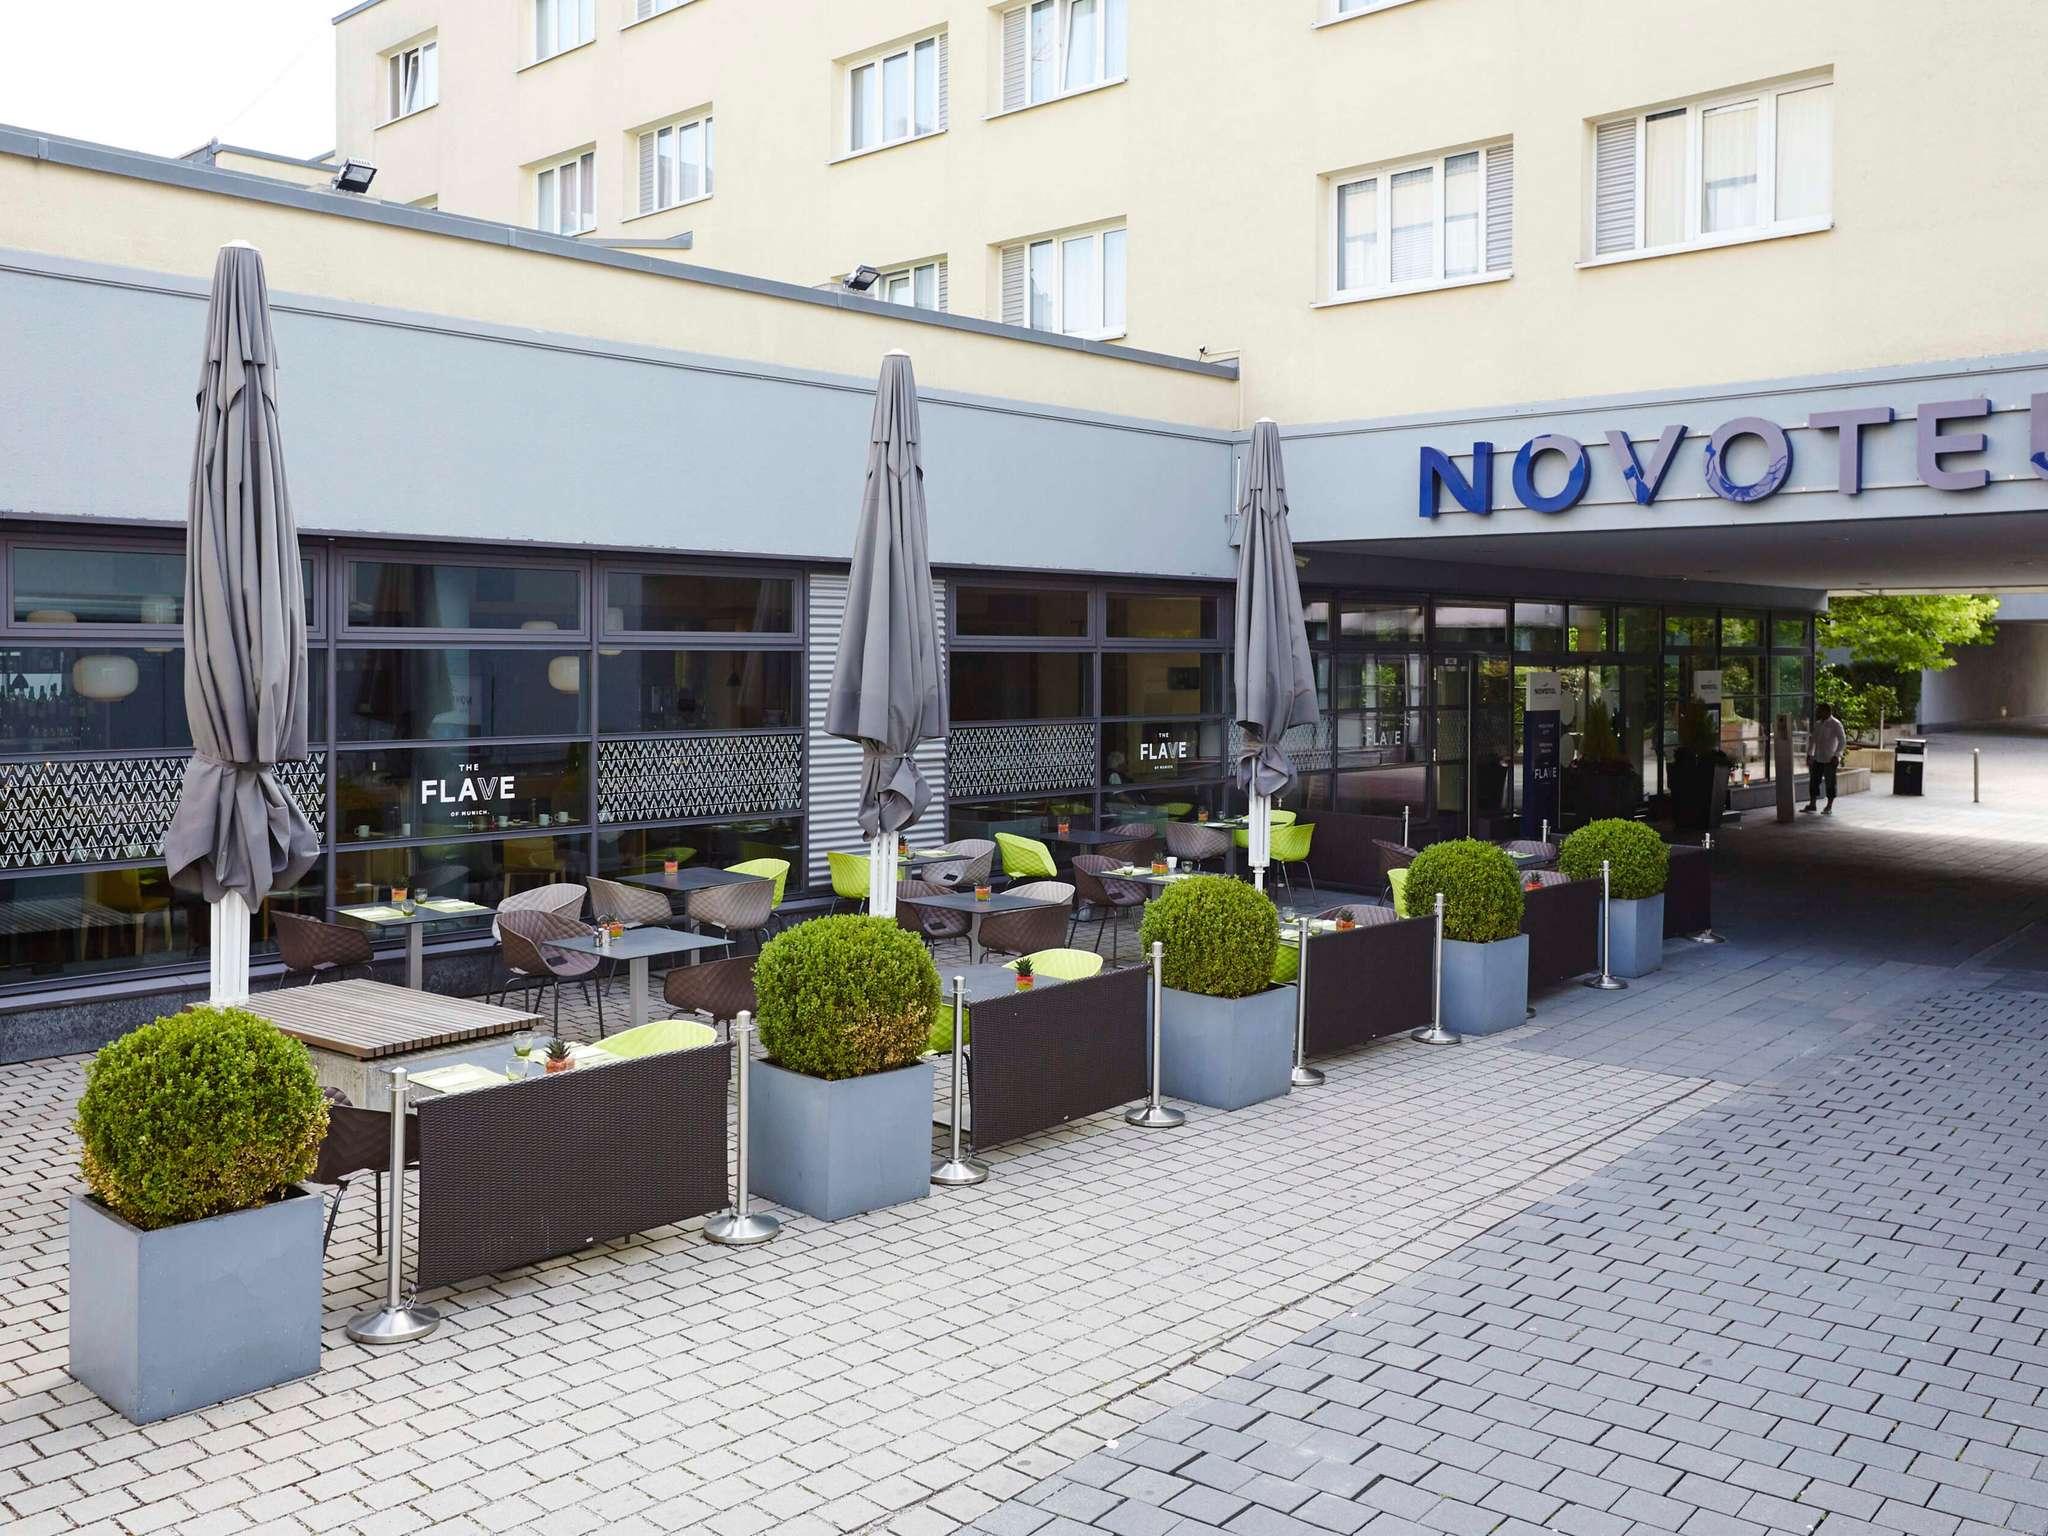 فندق - نوفوتيل Novotel مونشن سيتي